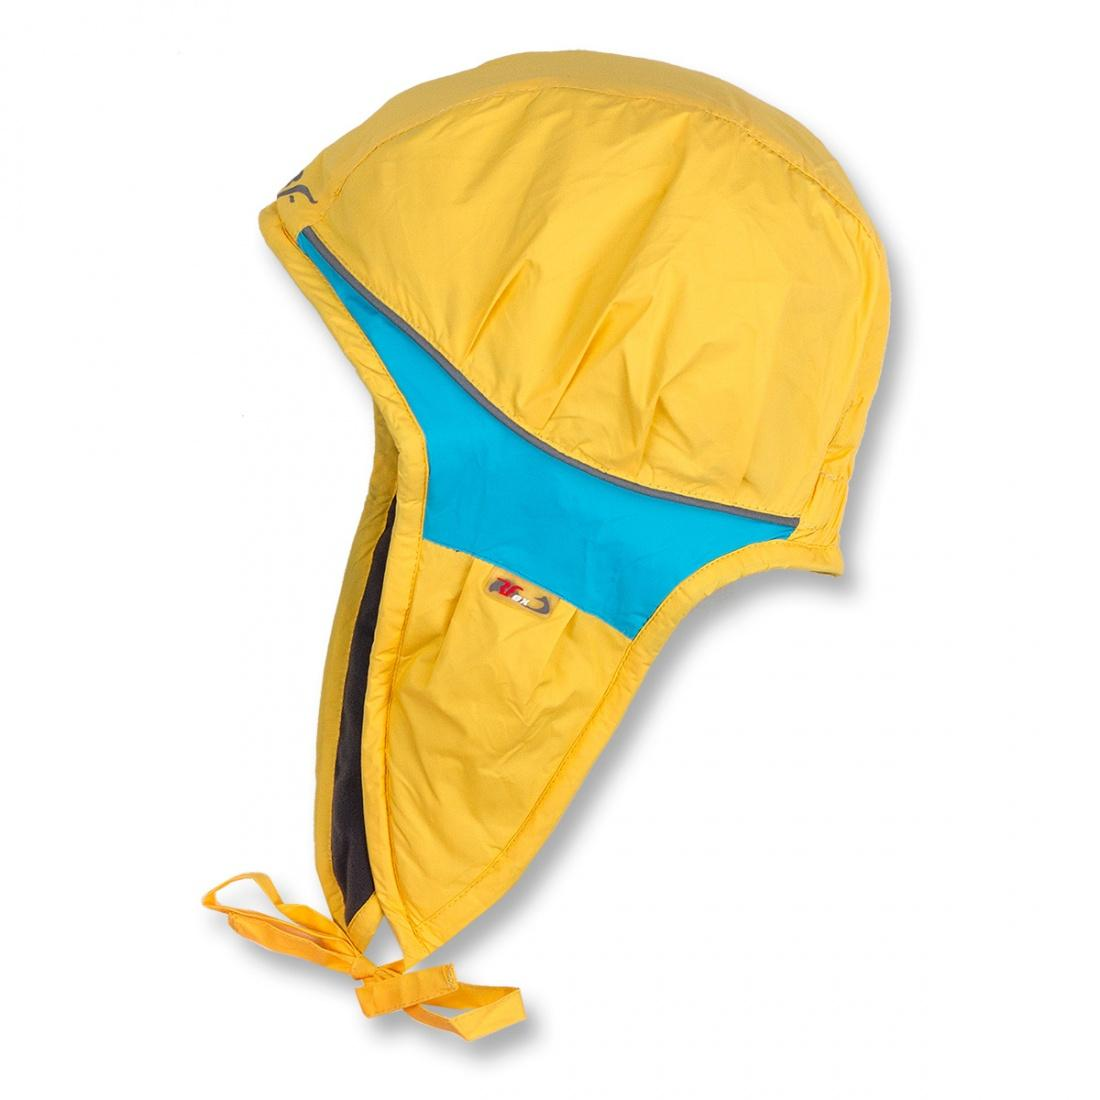 Шапка детская TressУшанки<br><br> Яркая контрастная шапочка прекрасно выделяет ребенка из толпы.<br><br> <br><br><br><br> Основной материал – Dry Factor 1000.<br><br> <br><br><br> Утеплитель – Omniterm Classic.<br><br> <br><br><br> Для детей от 1 до...<br><br>Цвет: Бирюзовый<br>Размер: L